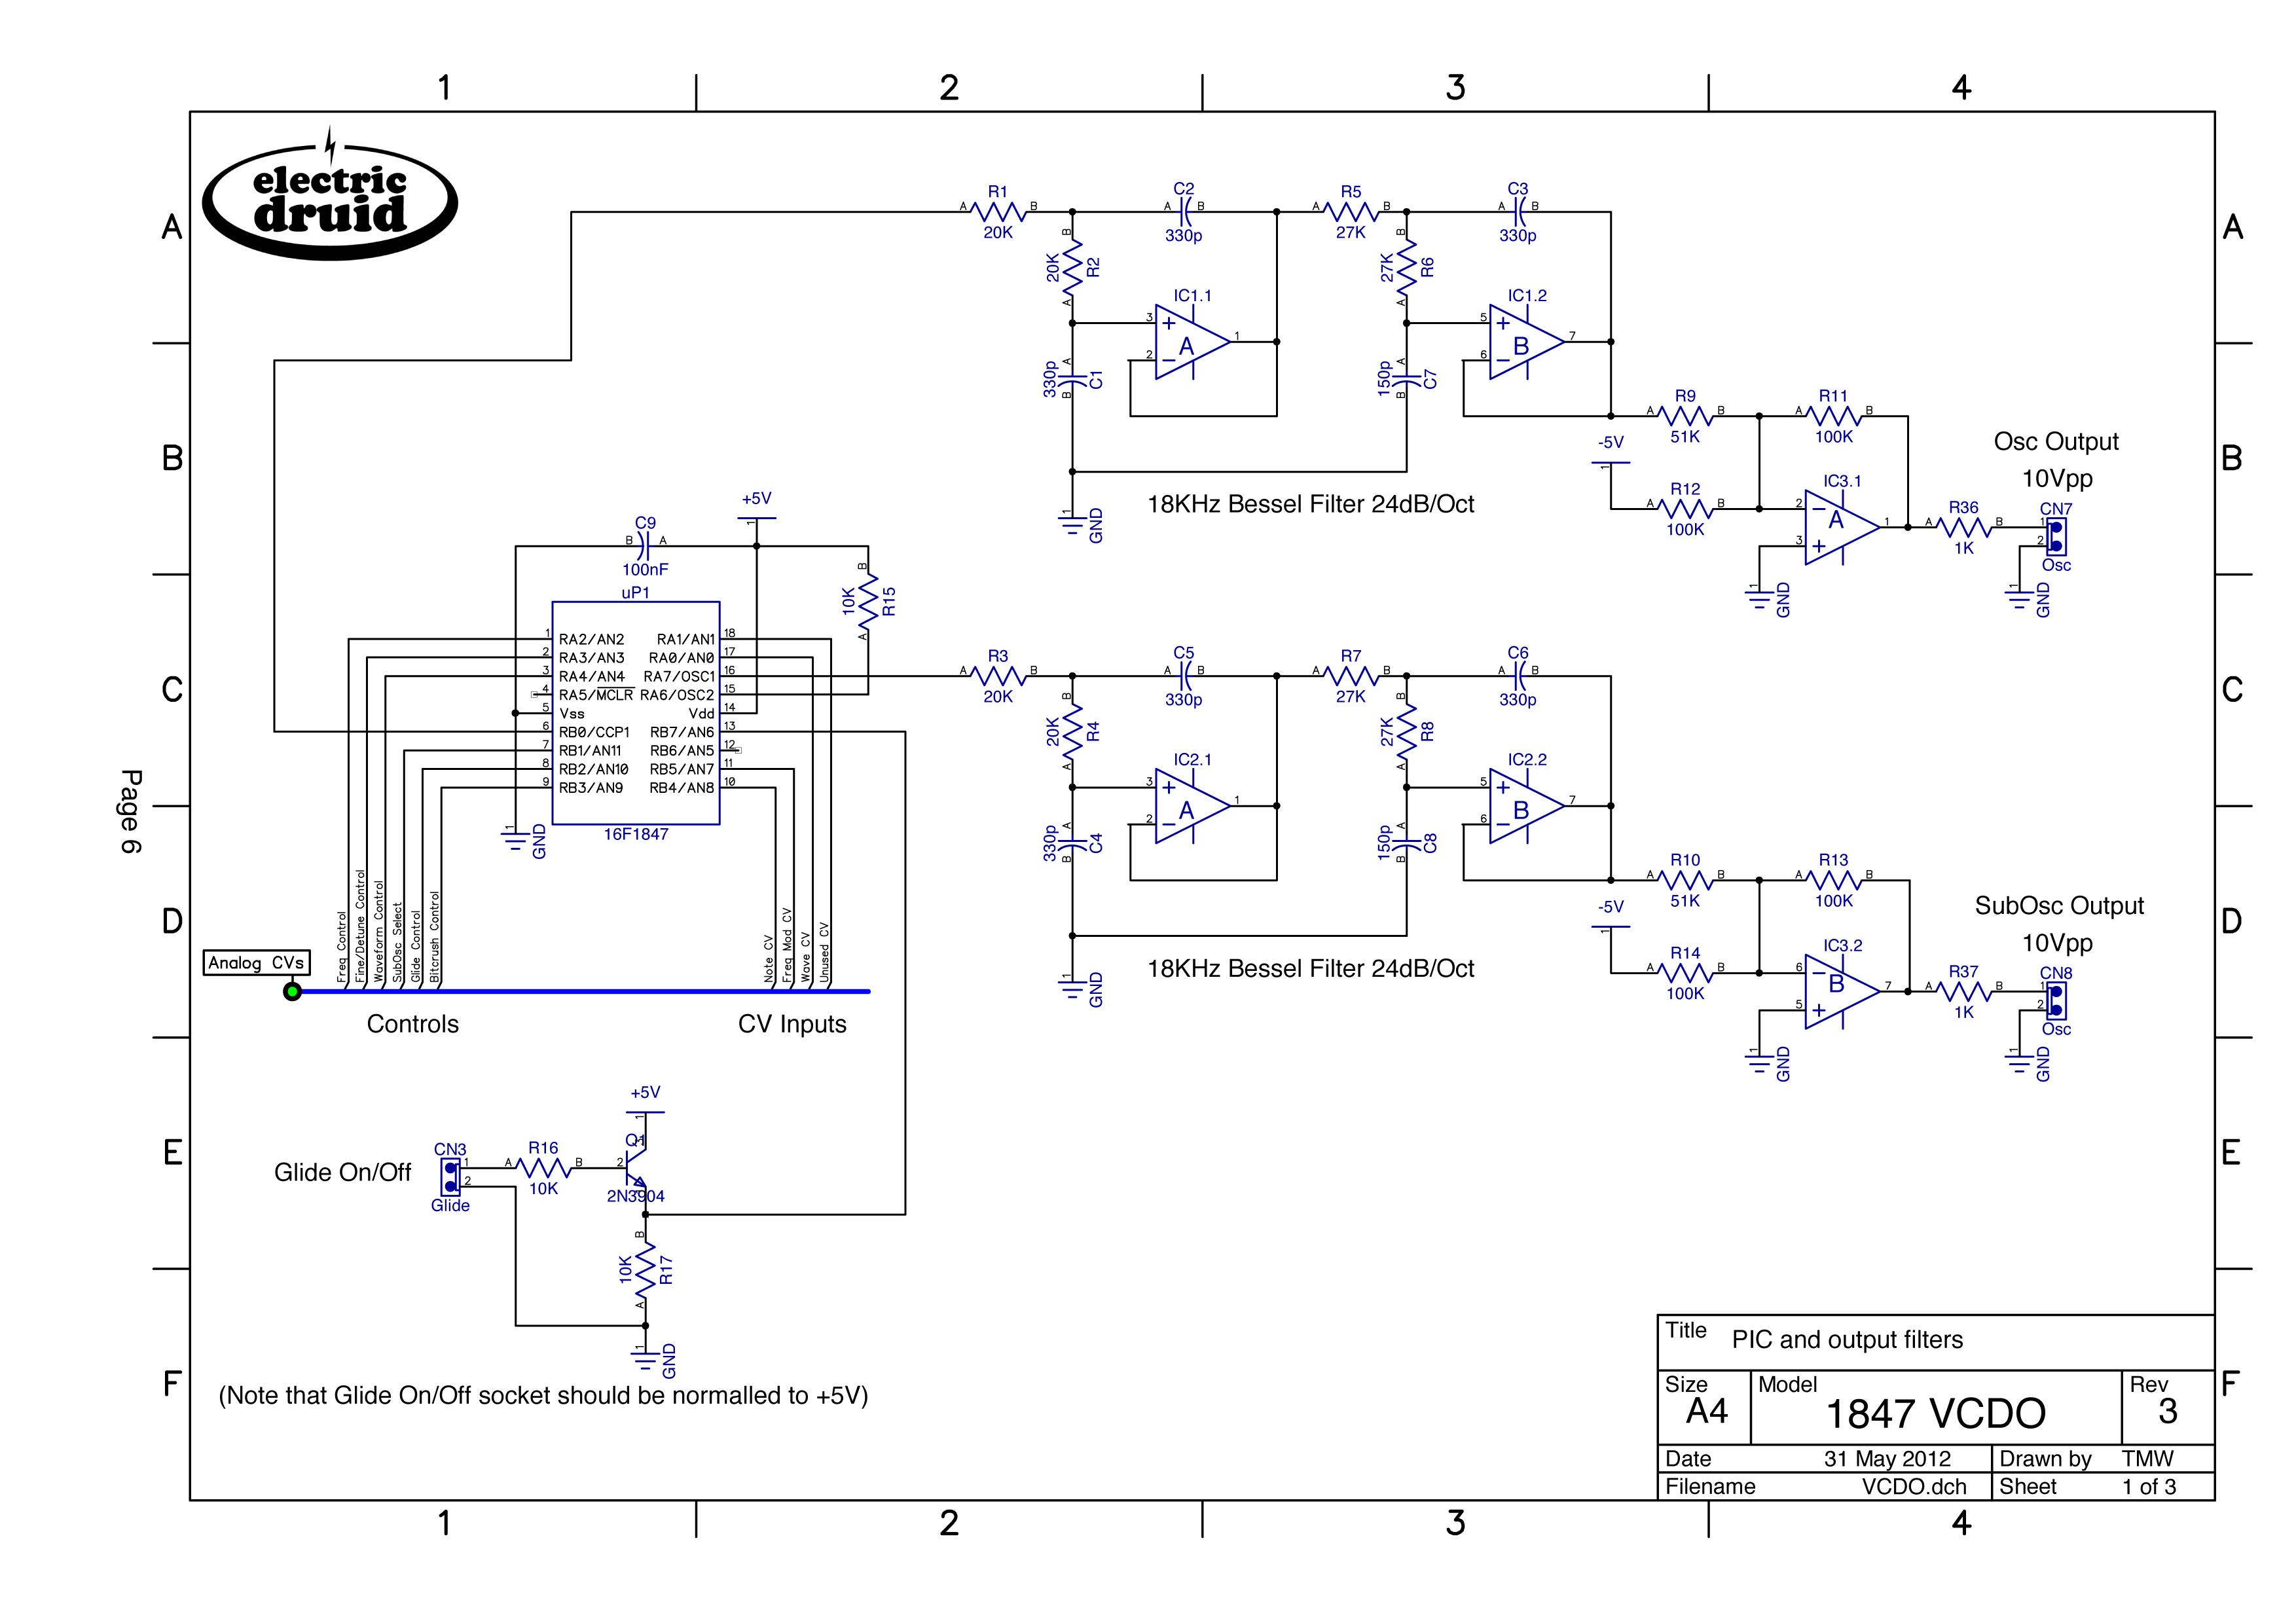 Schematic on air conditioner schematic, boeing 747 schematic, air hydraulics schematic, airplane boeing kc schematic,